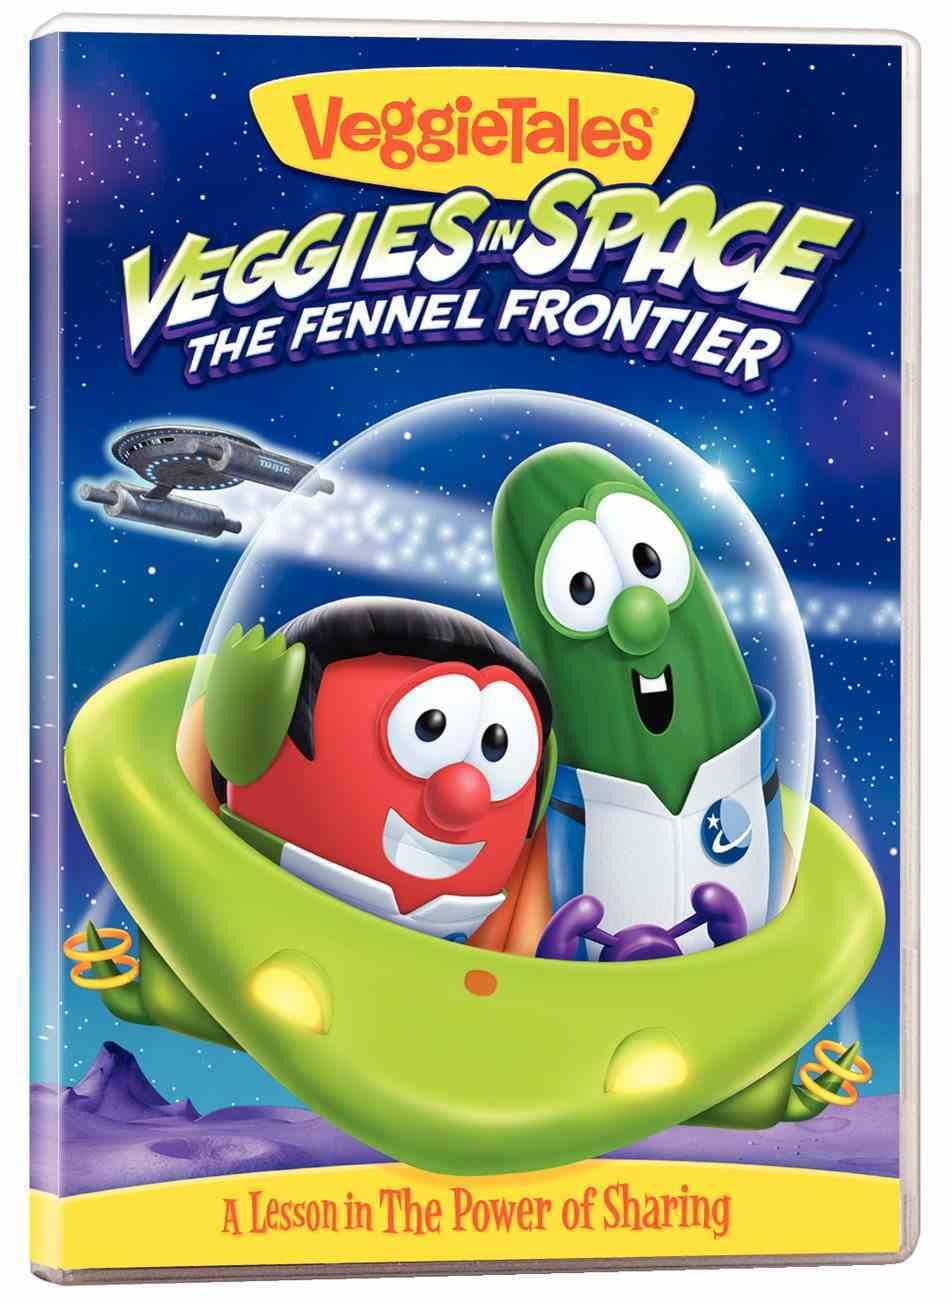 Veggie Tales #55: Veggies in Space-Fennel Frontier (#55 in Veggie Tales Visual Series (Veggietales)) DVD